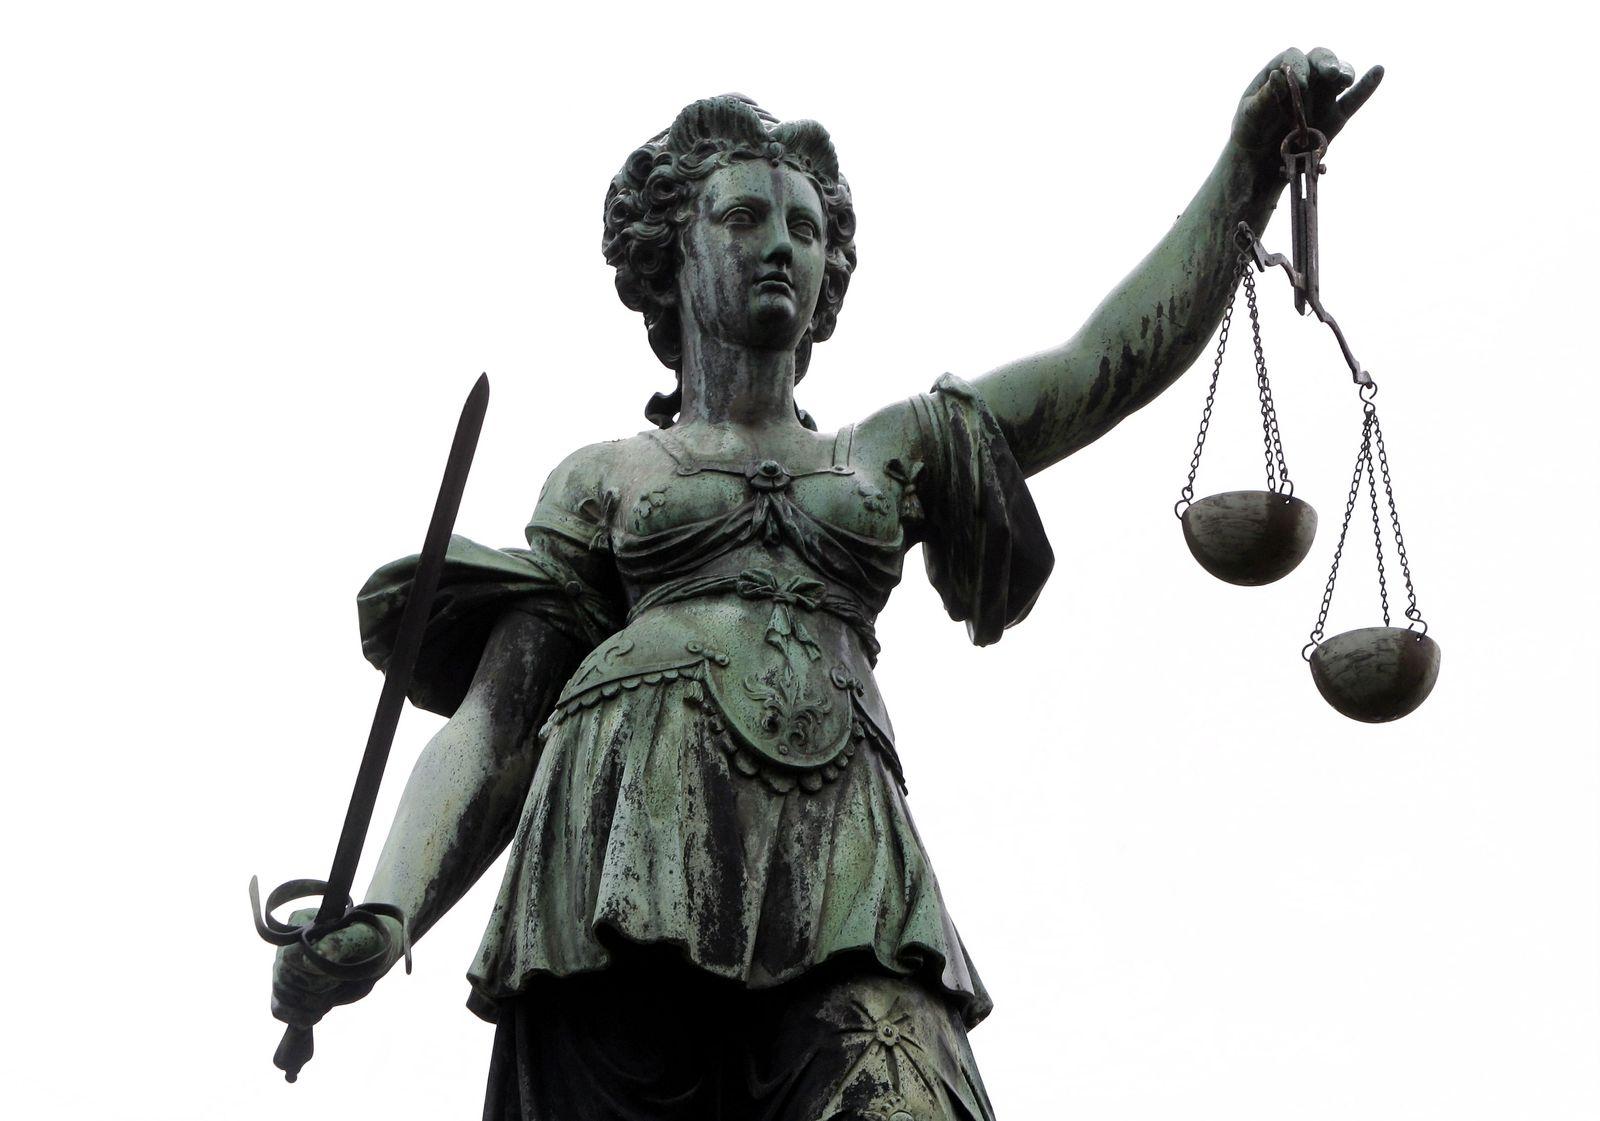 NICHT VERWENDEN Symbolbild Justitia / Gerechtigkeit / Gericht